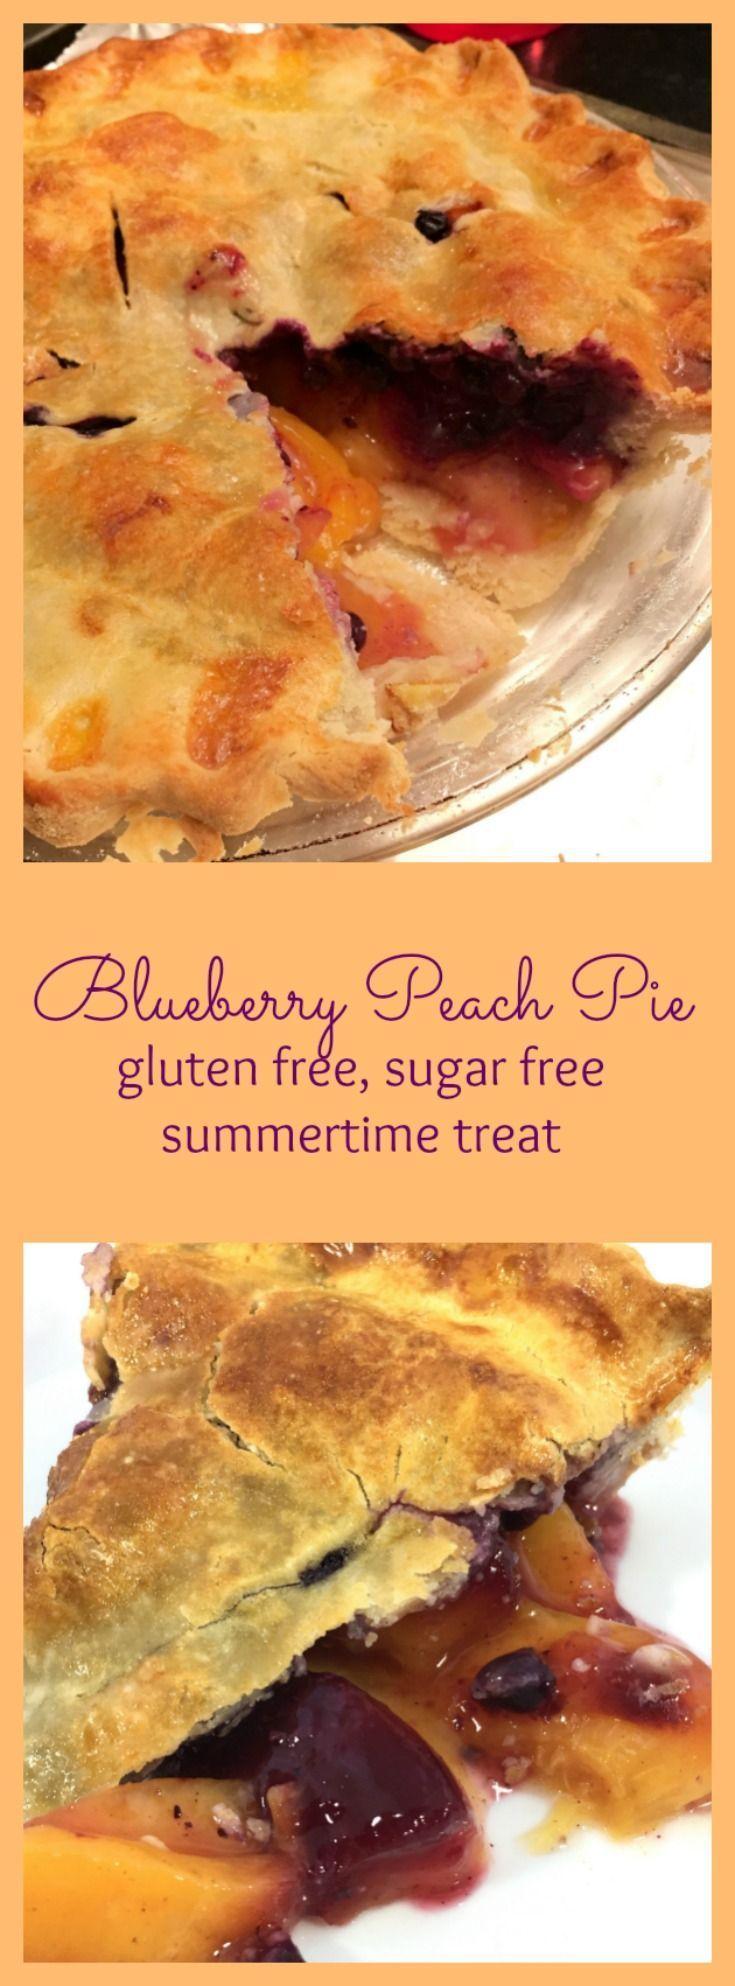 Gluten free, sugar-free summer blueberry, peach pie ...